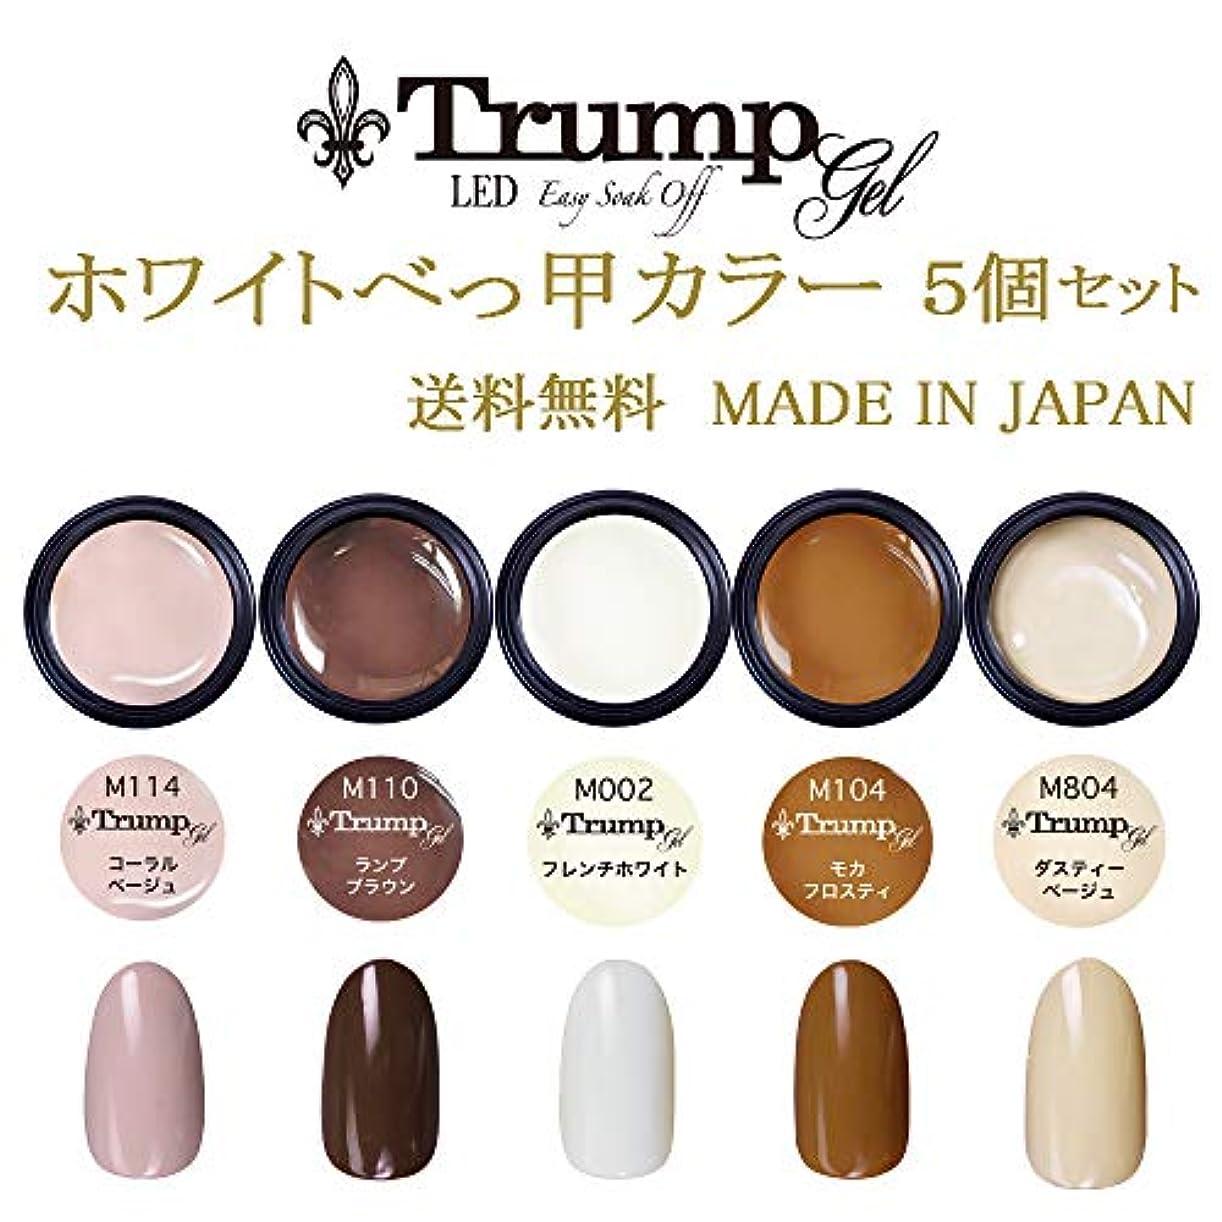 洋服トレーダーストレスの多い【送料無料】日本製 Trump gel トランプジェルホワイトべっ甲カラージェル 5個セット スタイリッシュでオシャレな 白べっ甲カラージェルセット